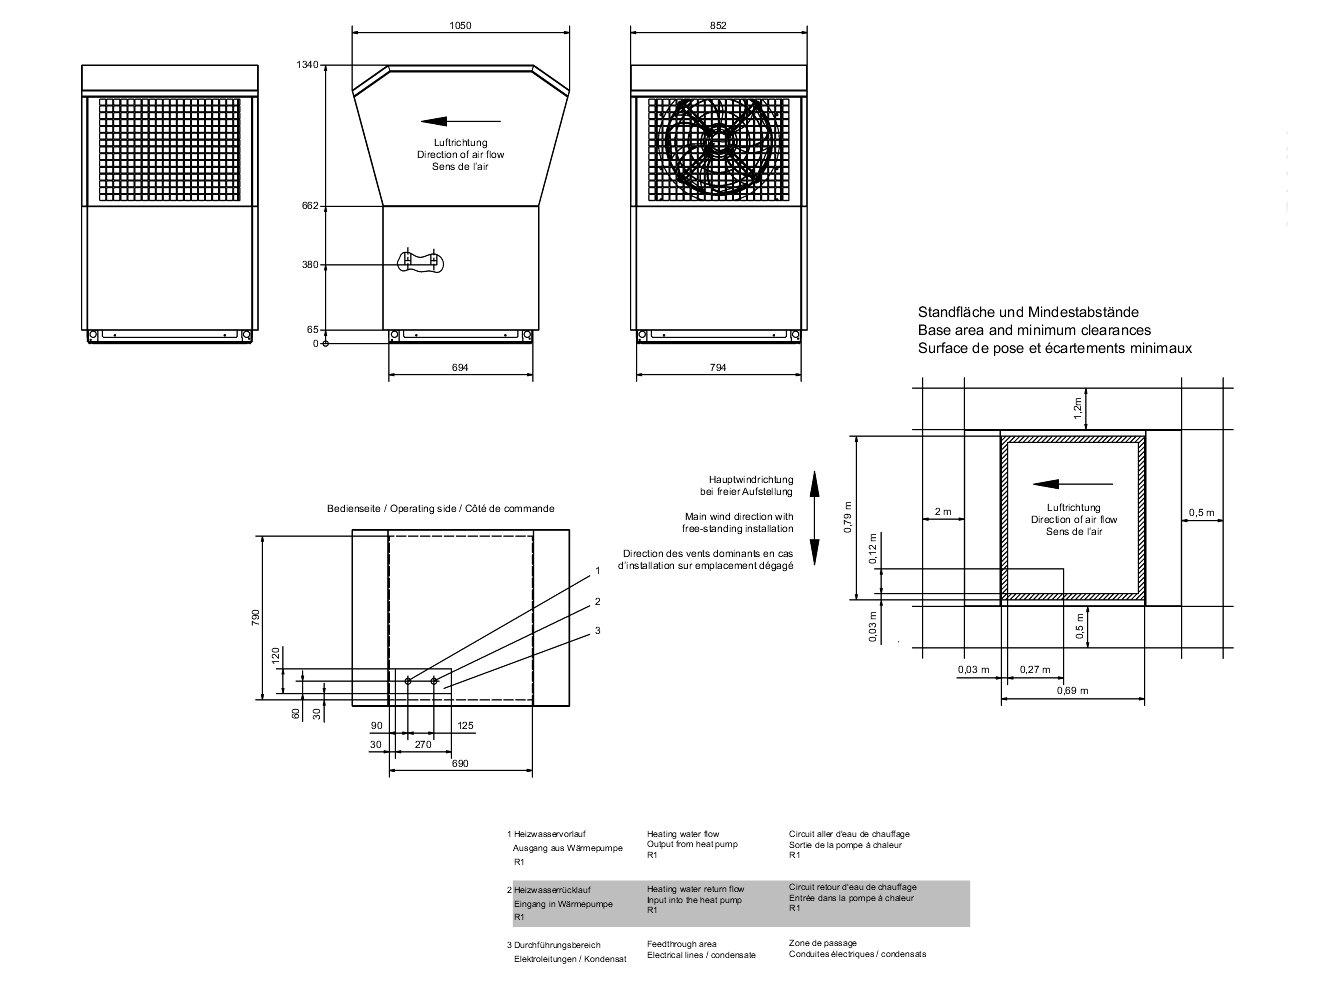 pompe chaleur air eau basse temp rature 58 c installation proche du mur. Black Bedroom Furniture Sets. Home Design Ideas